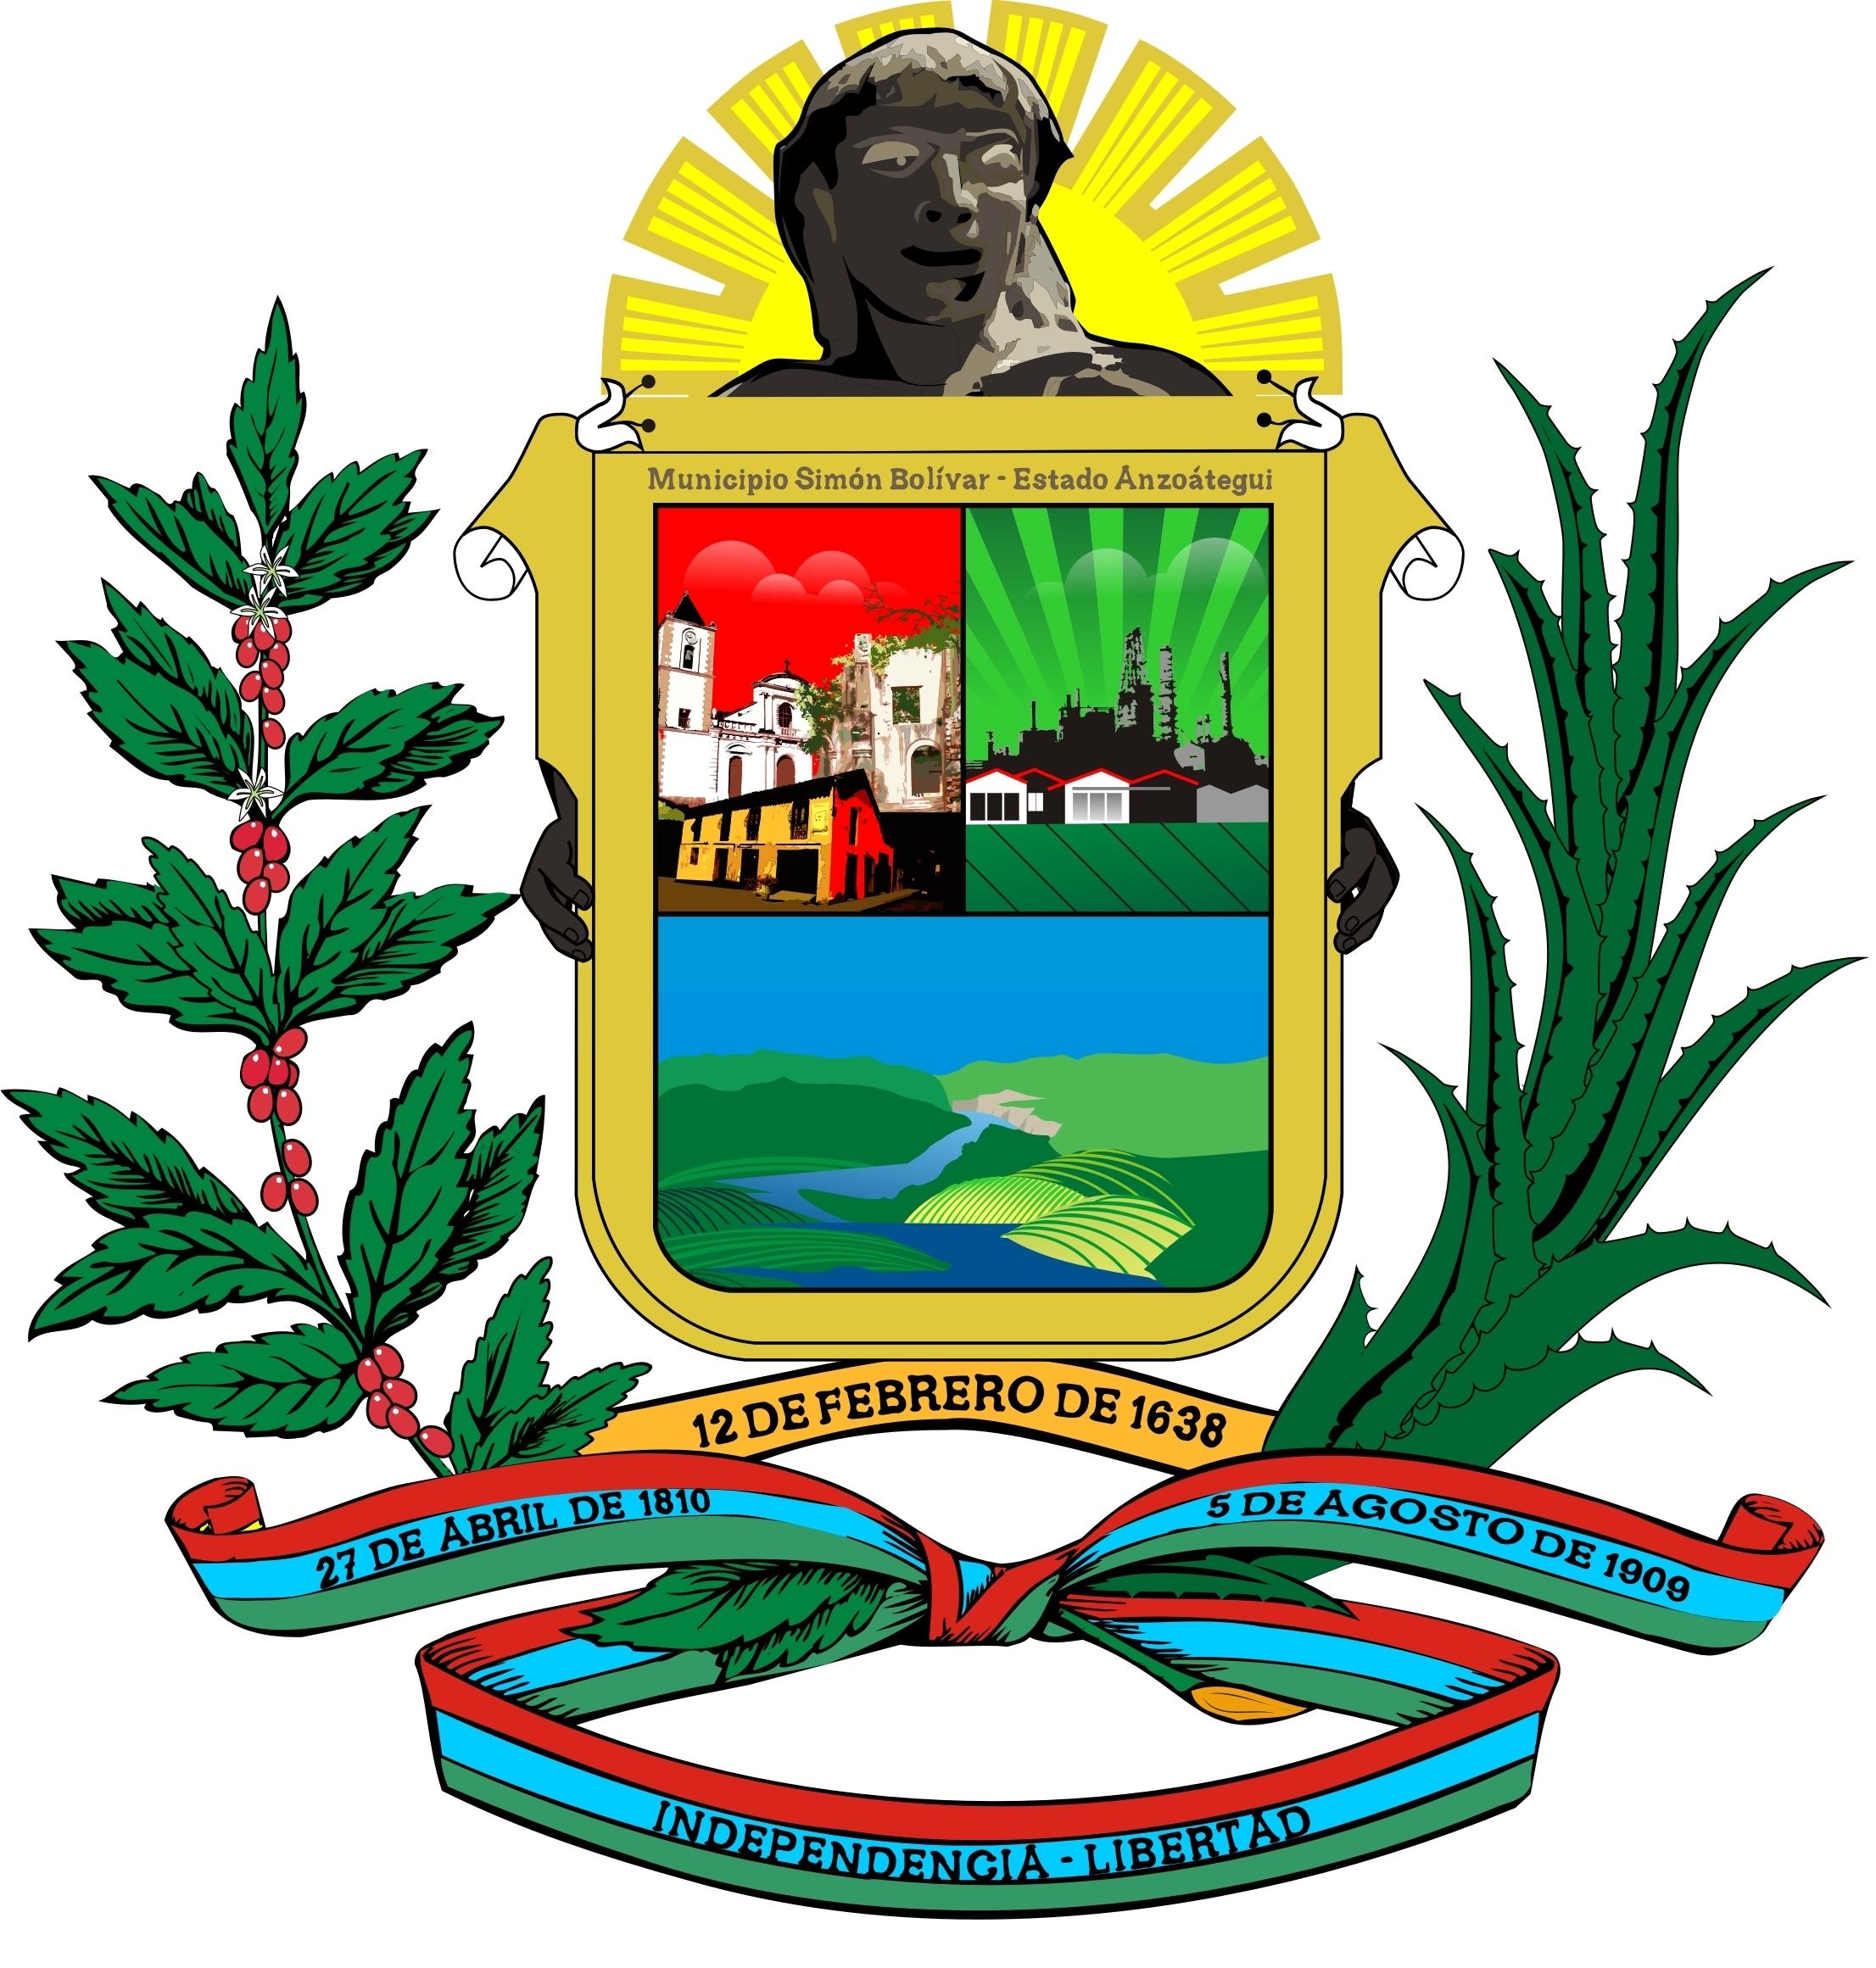 Simbolo Del Estado Bolivar | file escudo municipio sim 243 n bol 237 var estado anzo 225 tegui jpg wikimedia commons